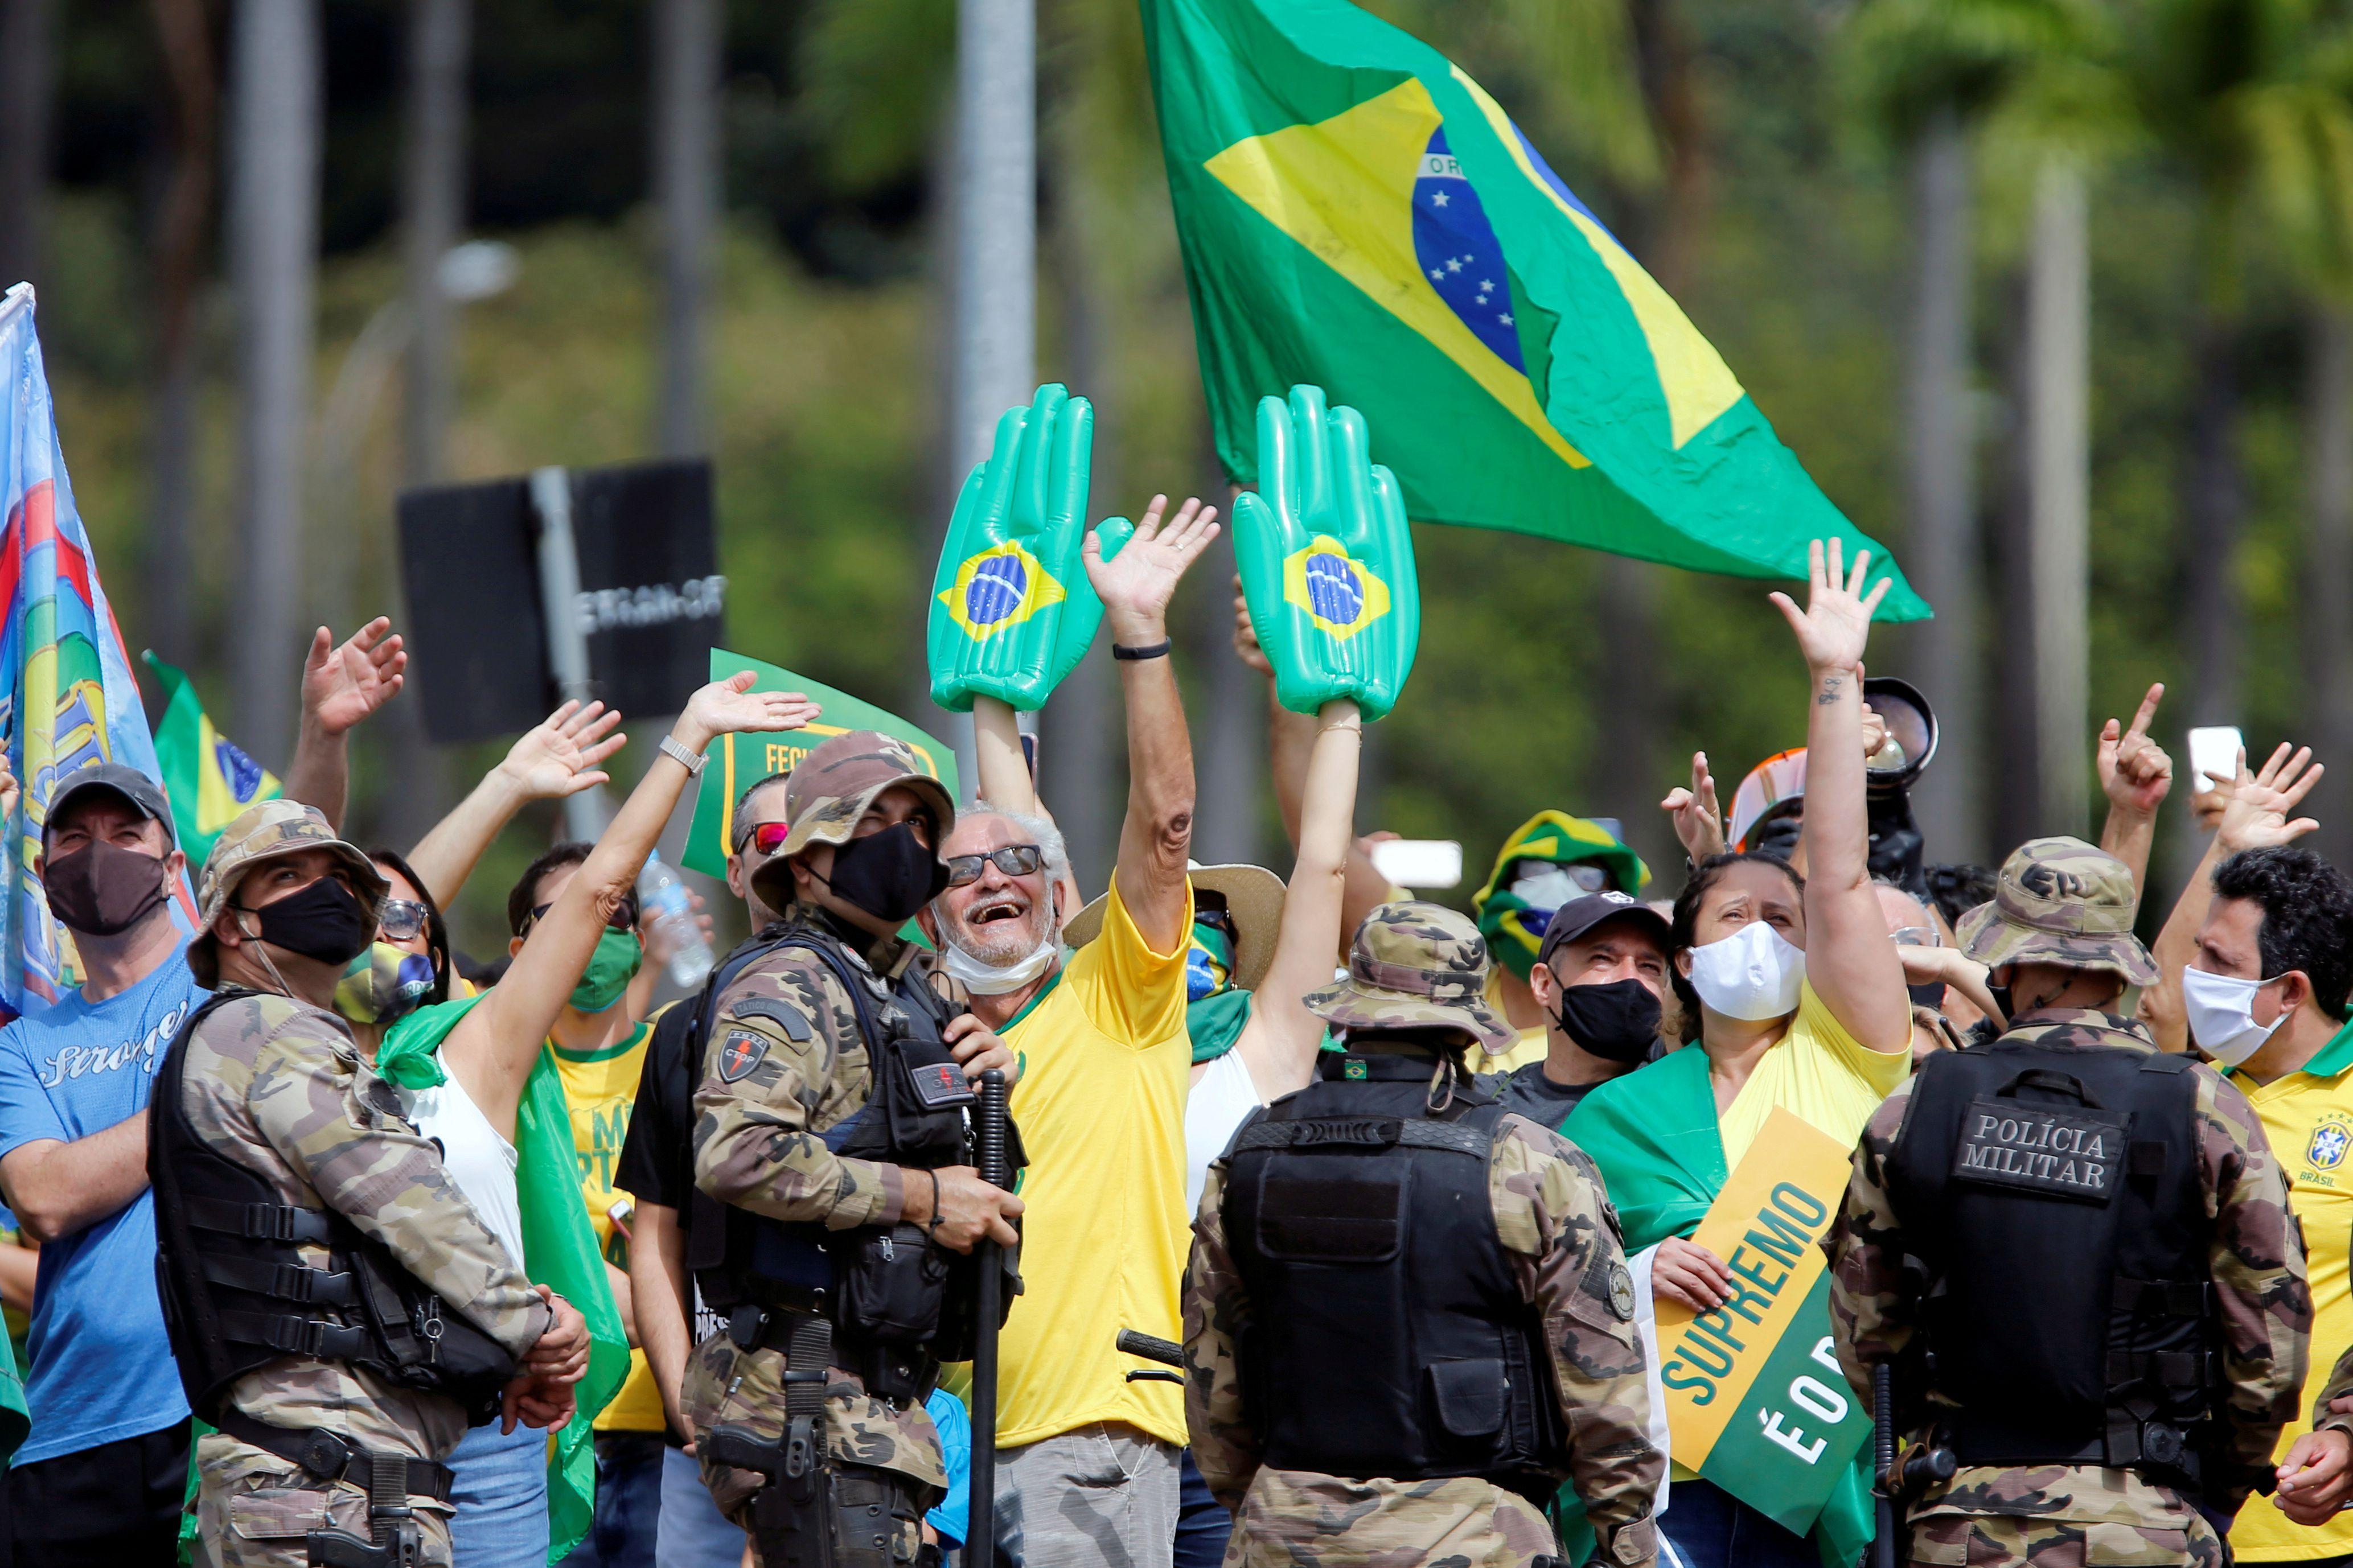 Seguidores de Bolsonaro en Brasilia (REUTERS/Adriano Machado)